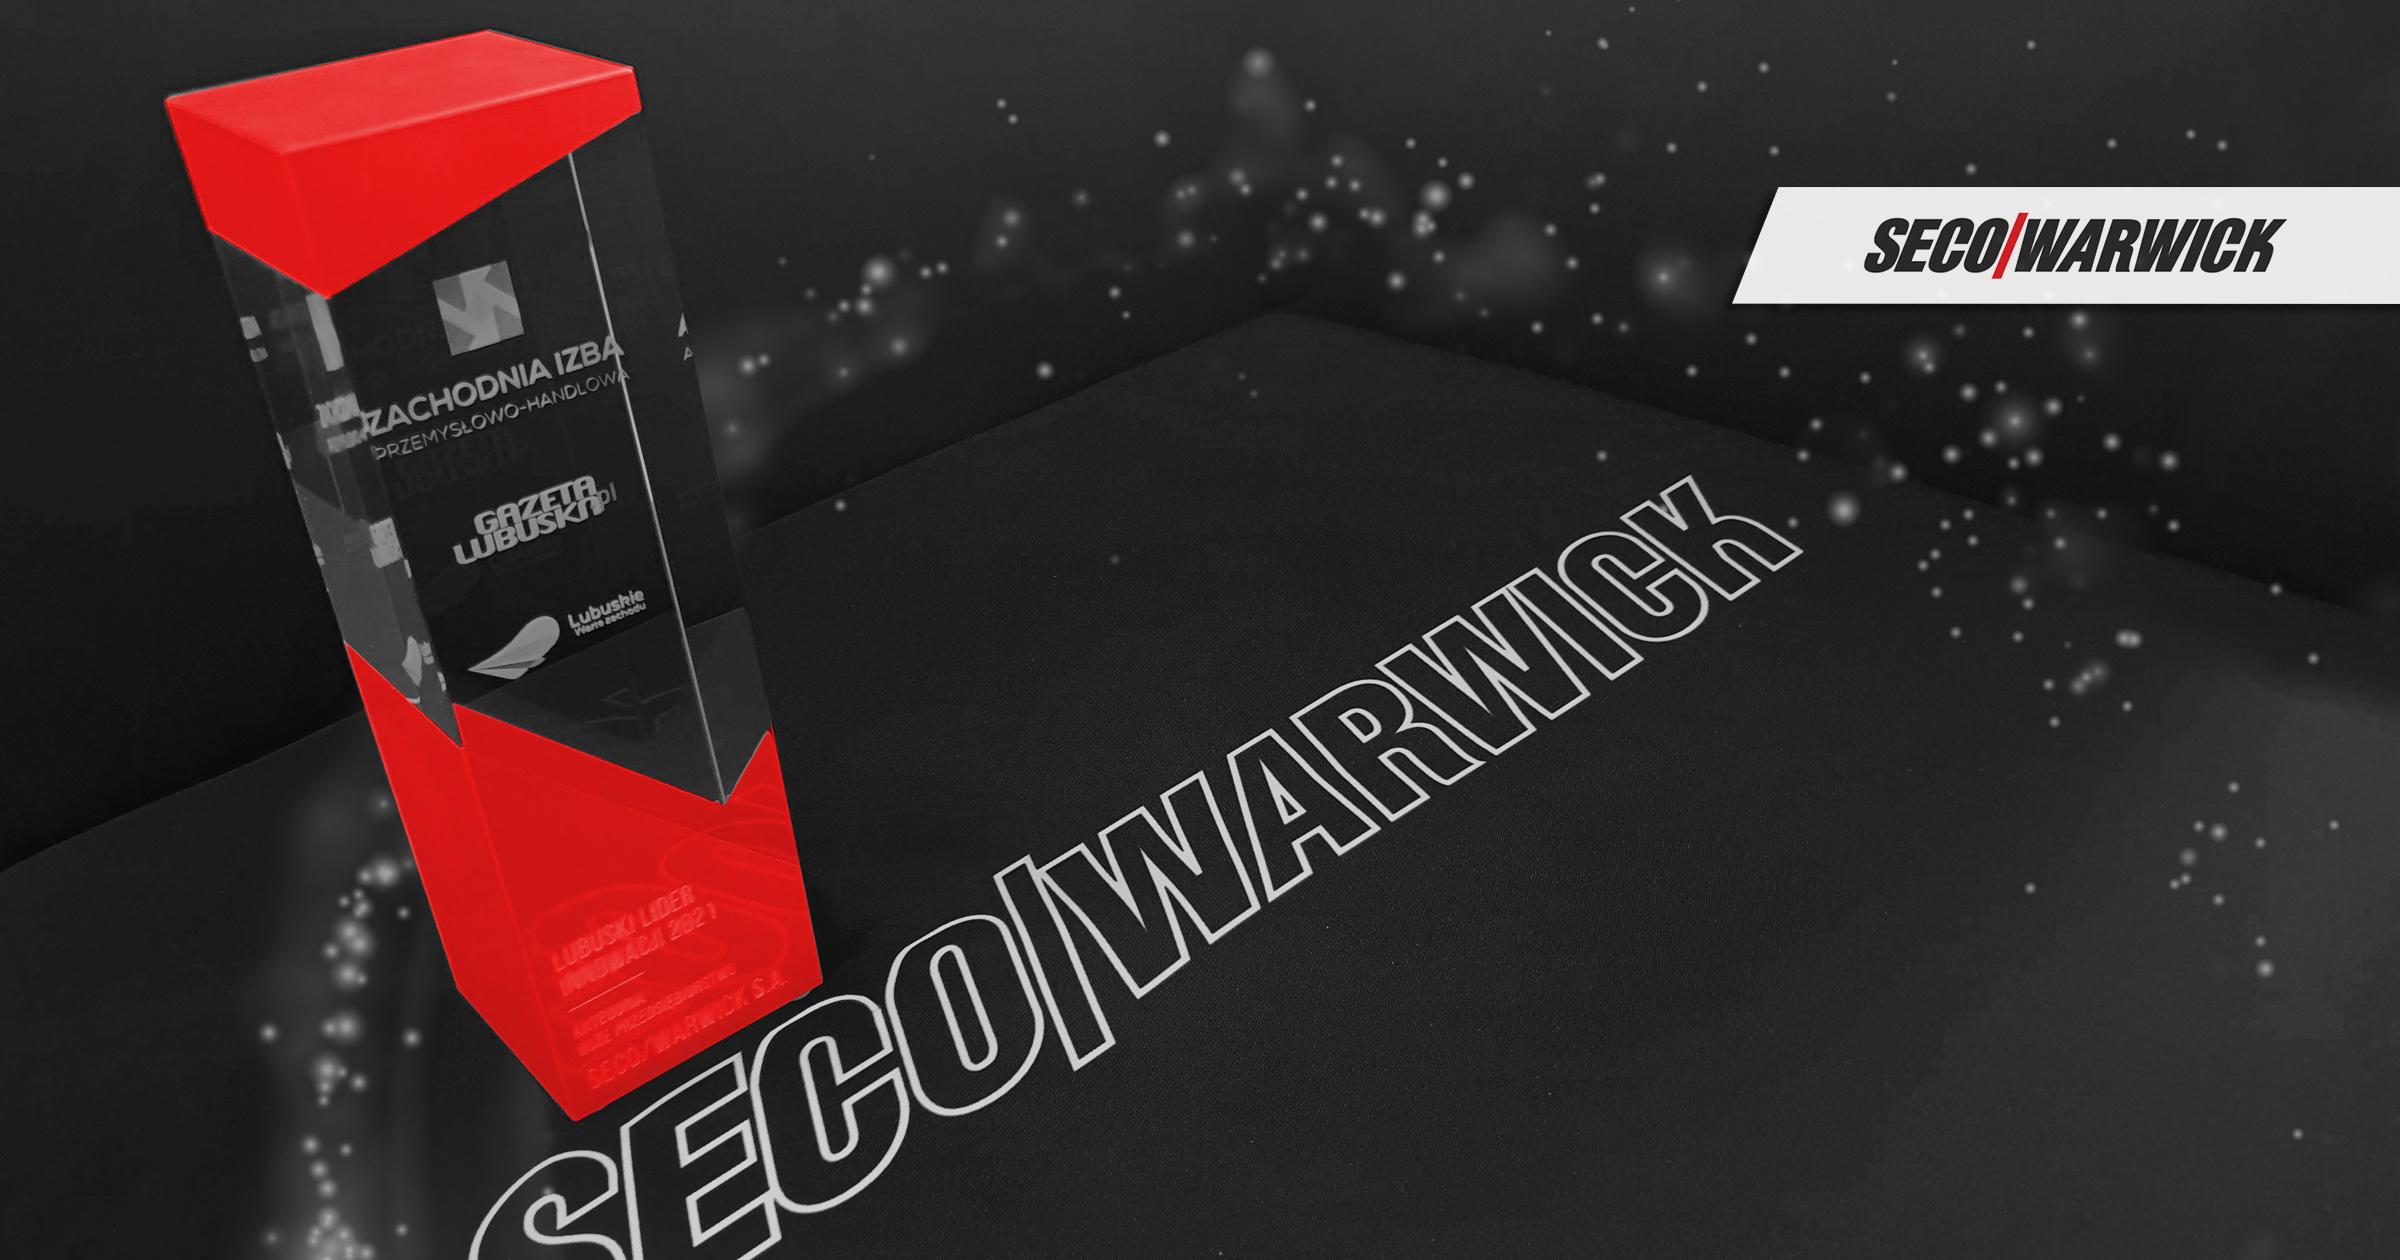 Innowacja wyróżnia lidera – SECO/WARWICK ponownie z tytułem